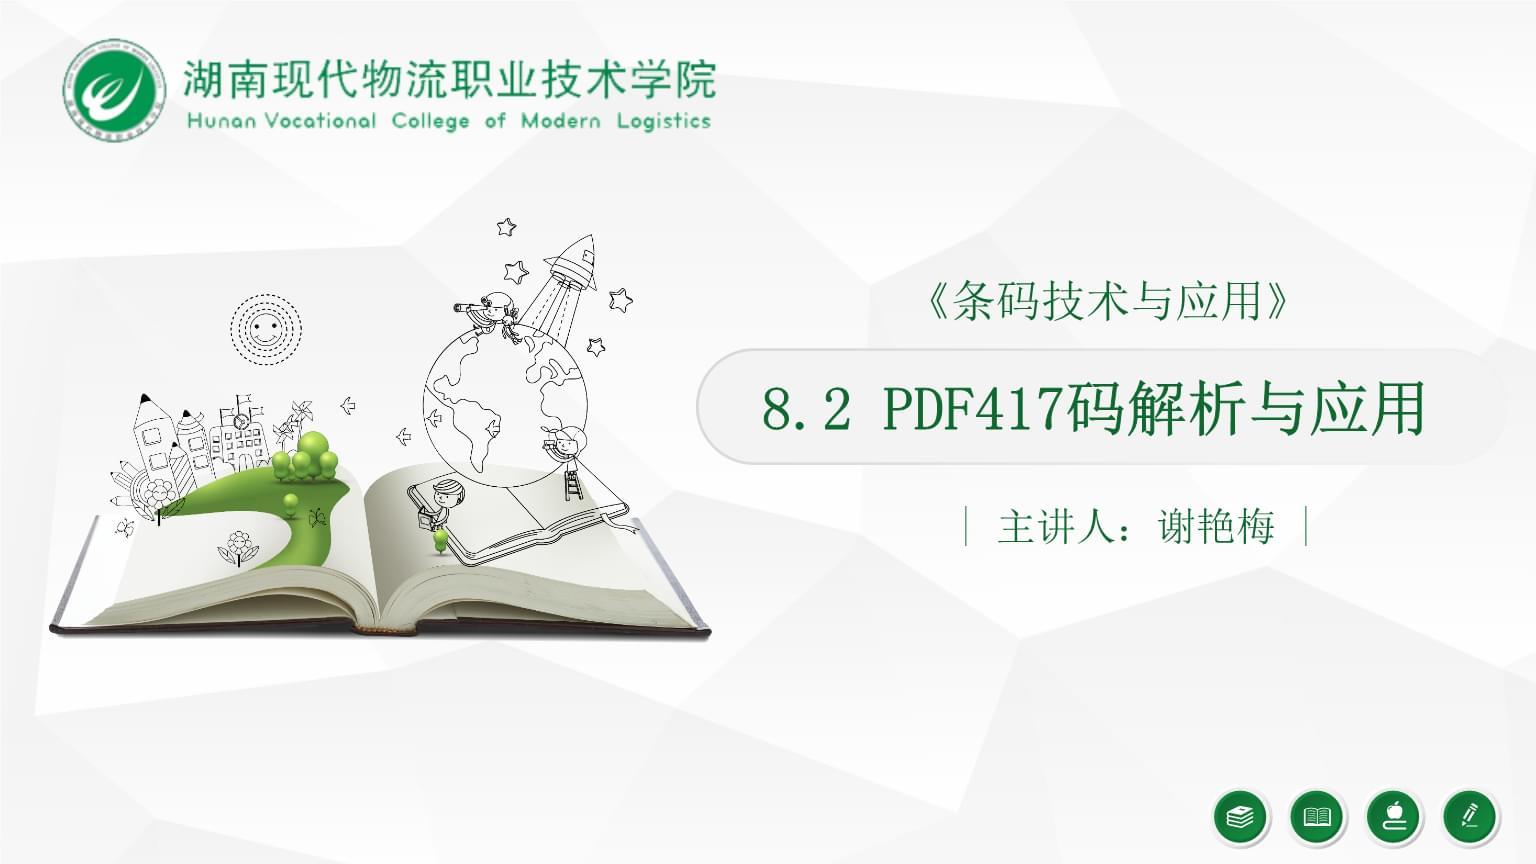 条码技术与应用(2017) PDF417码解析与应用 8.2 PDF417码解析与应用.pptx